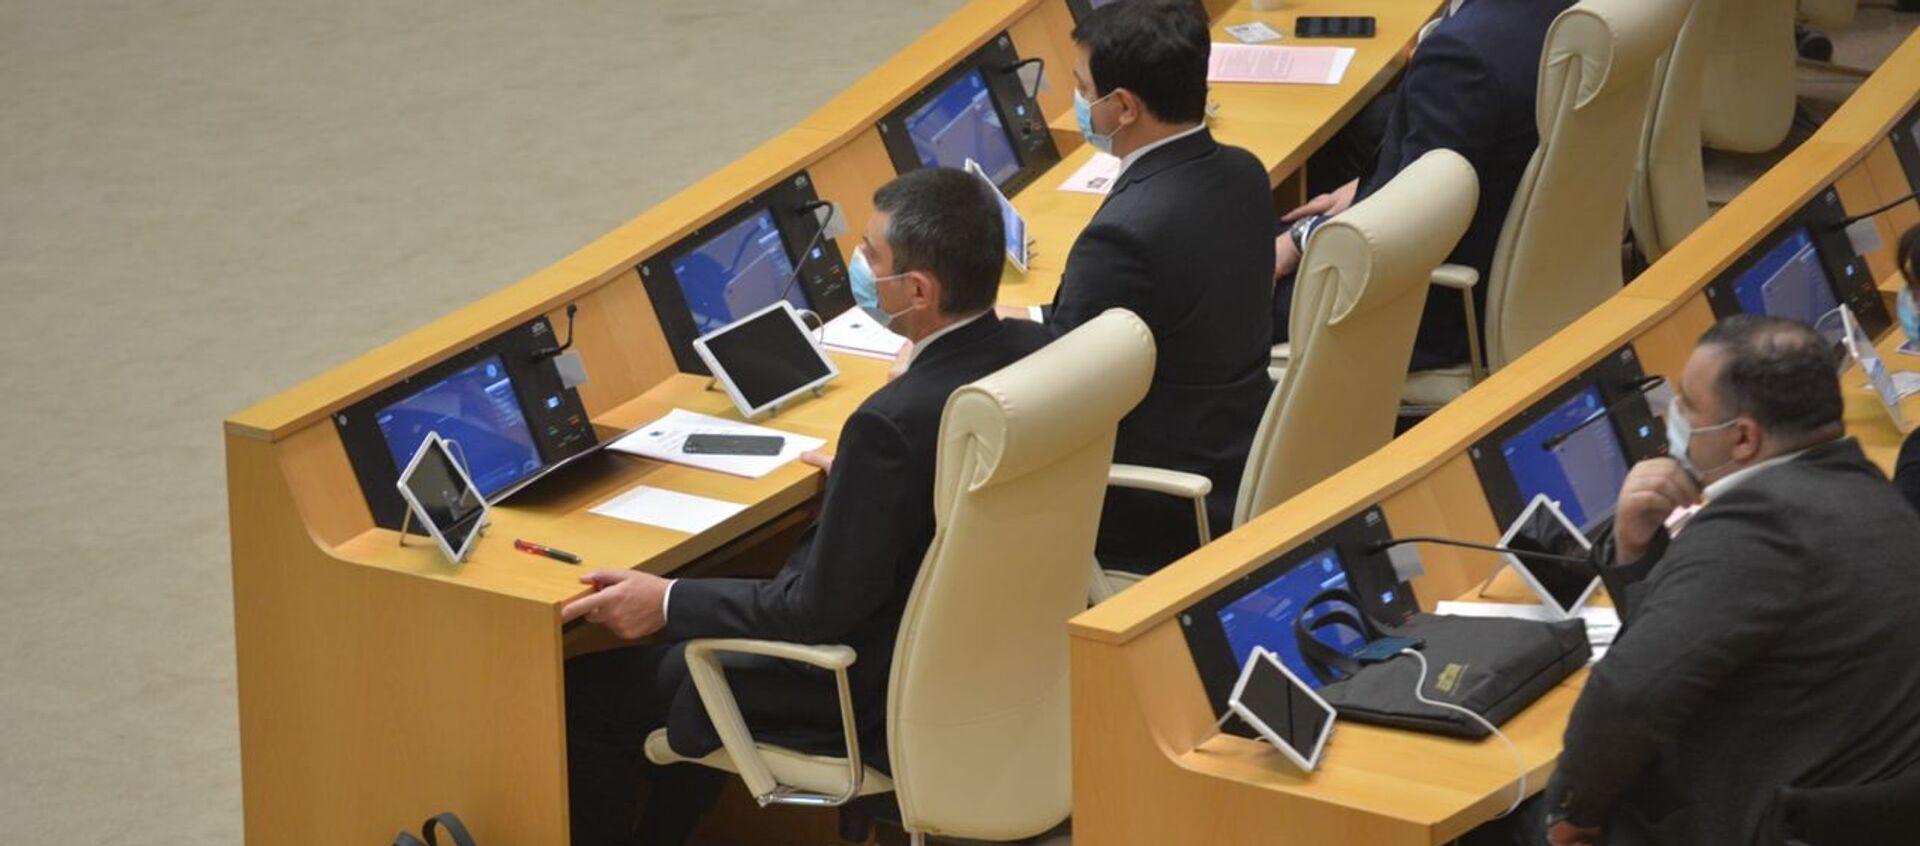 Георгий Гахария. Парламент Грузии десятого созыва начал работу 11 декабря 2020 года  - Sputnik Грузия, 1920, 29.04.2021